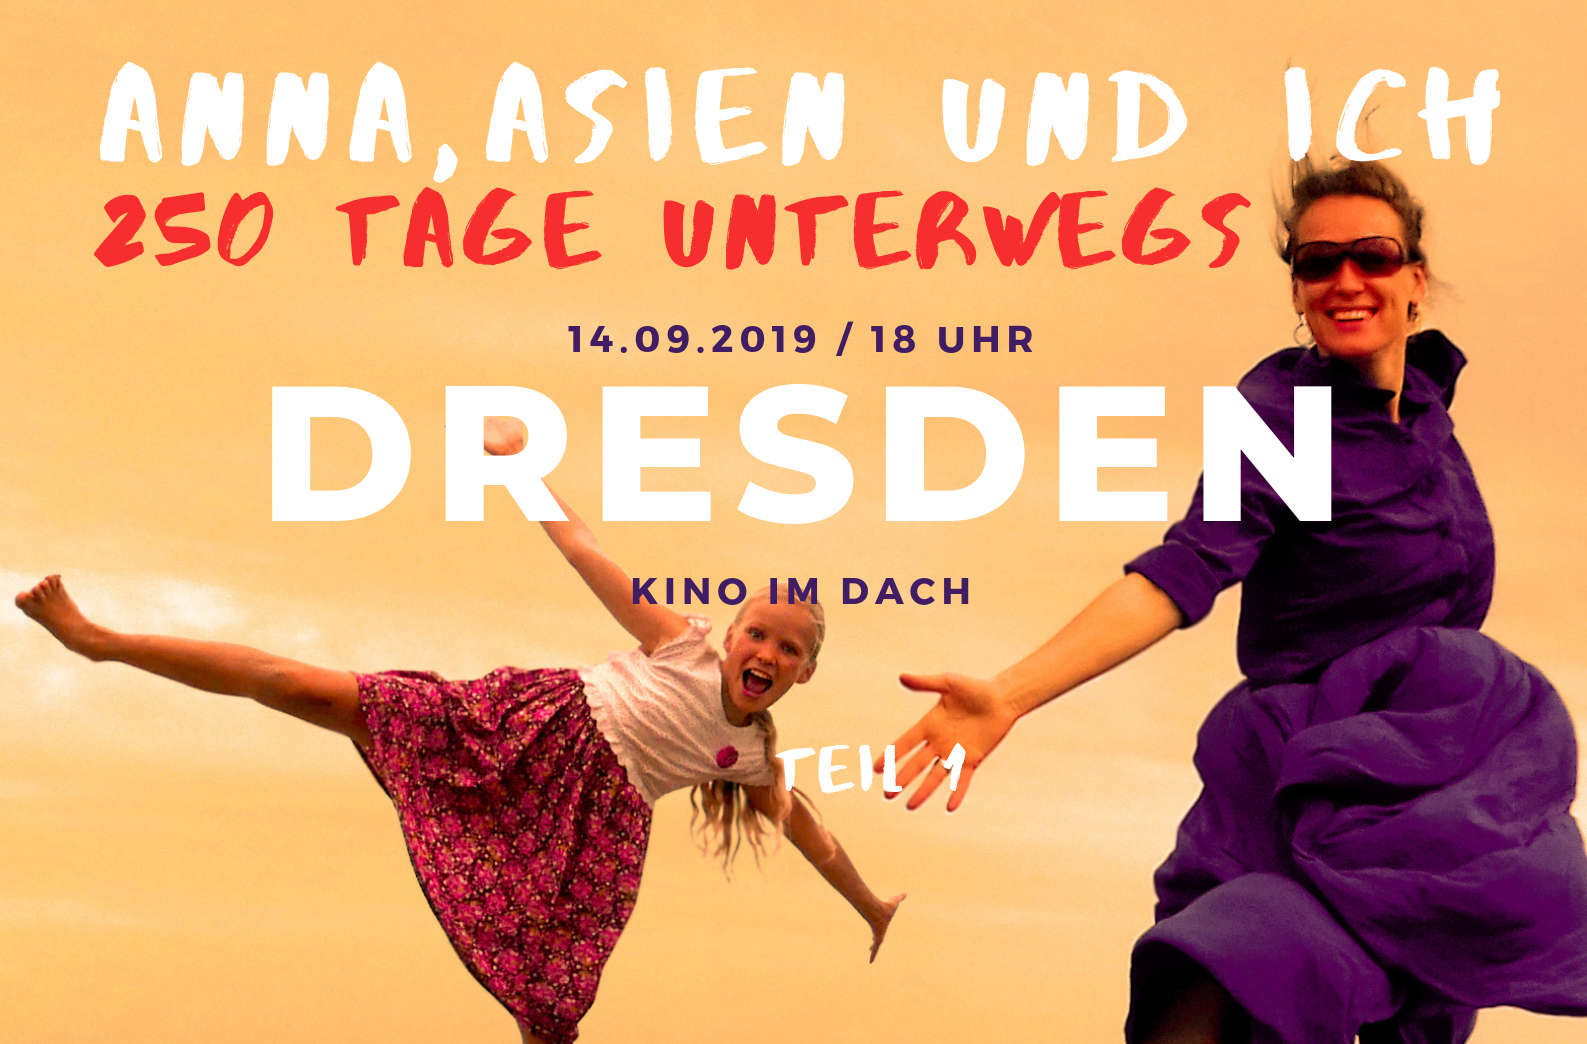 Anna Asien und Ich Film Dresden